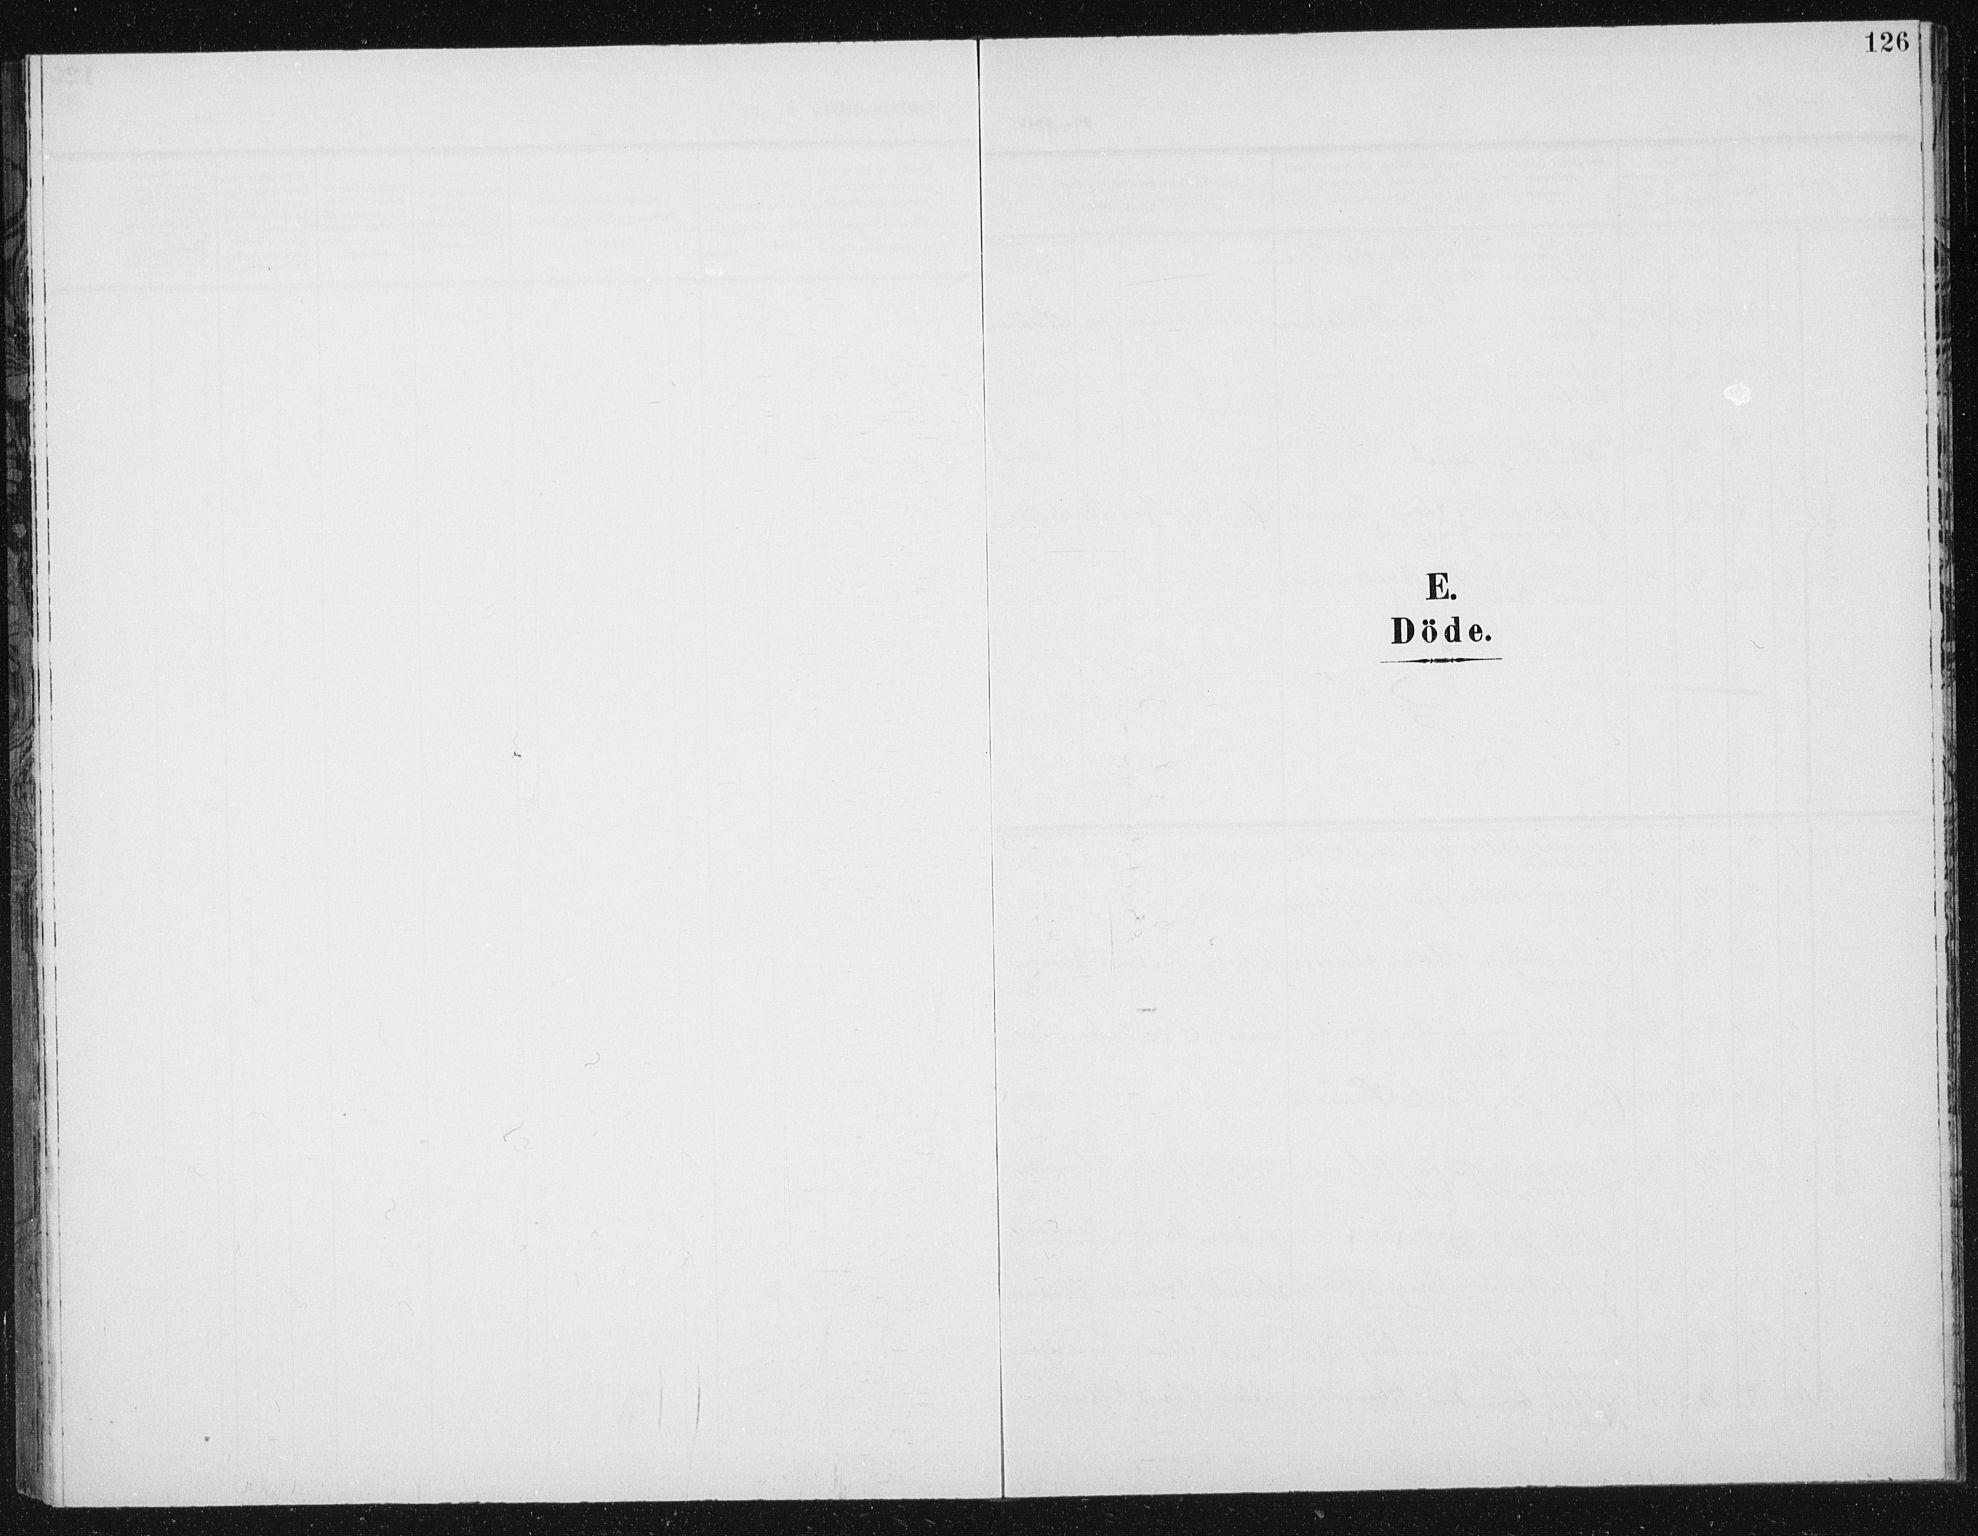 SAT, Ministerialprotokoller, klokkerbøker og fødselsregistre - Sør-Trøndelag, 656/L0699: Klokkerbok nr. 656C05, 1905-1920, s. 126